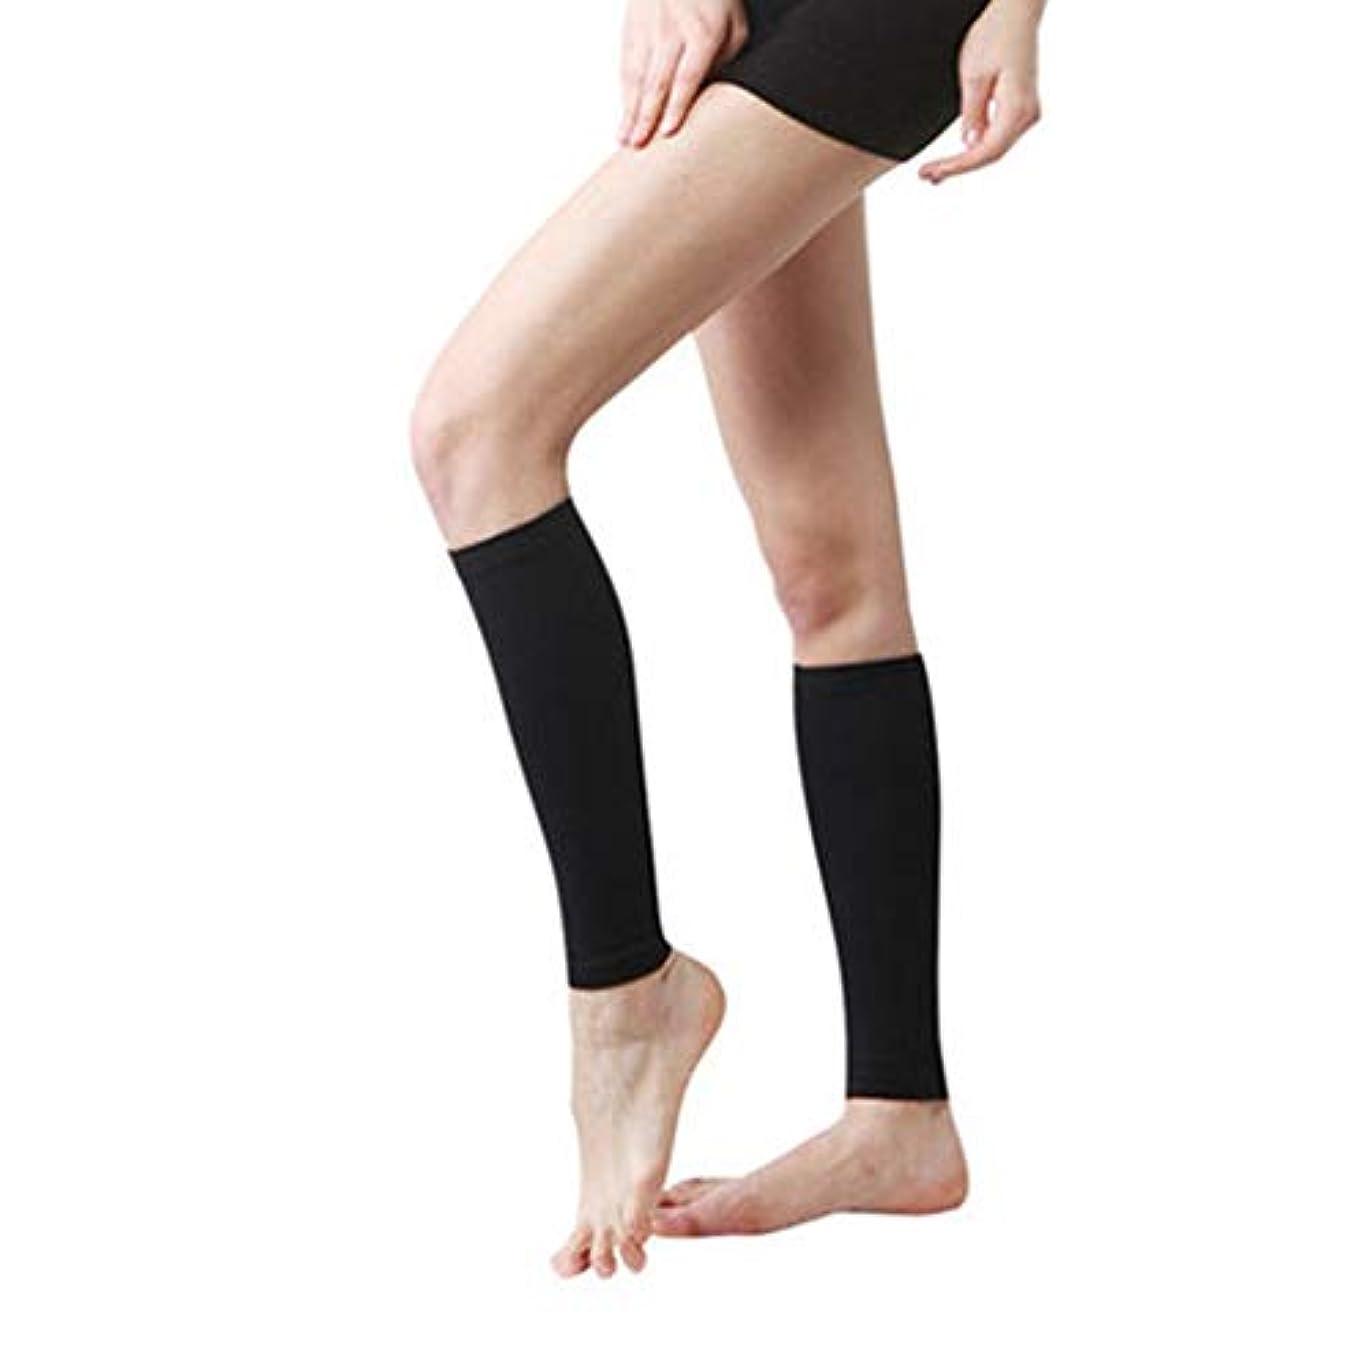 公爵夫人慣れているパンサー丈夫な男性女性プロの圧縮靴下通気性のある旅行活動看護師用シンススプリントフライトトラベル - ブラック